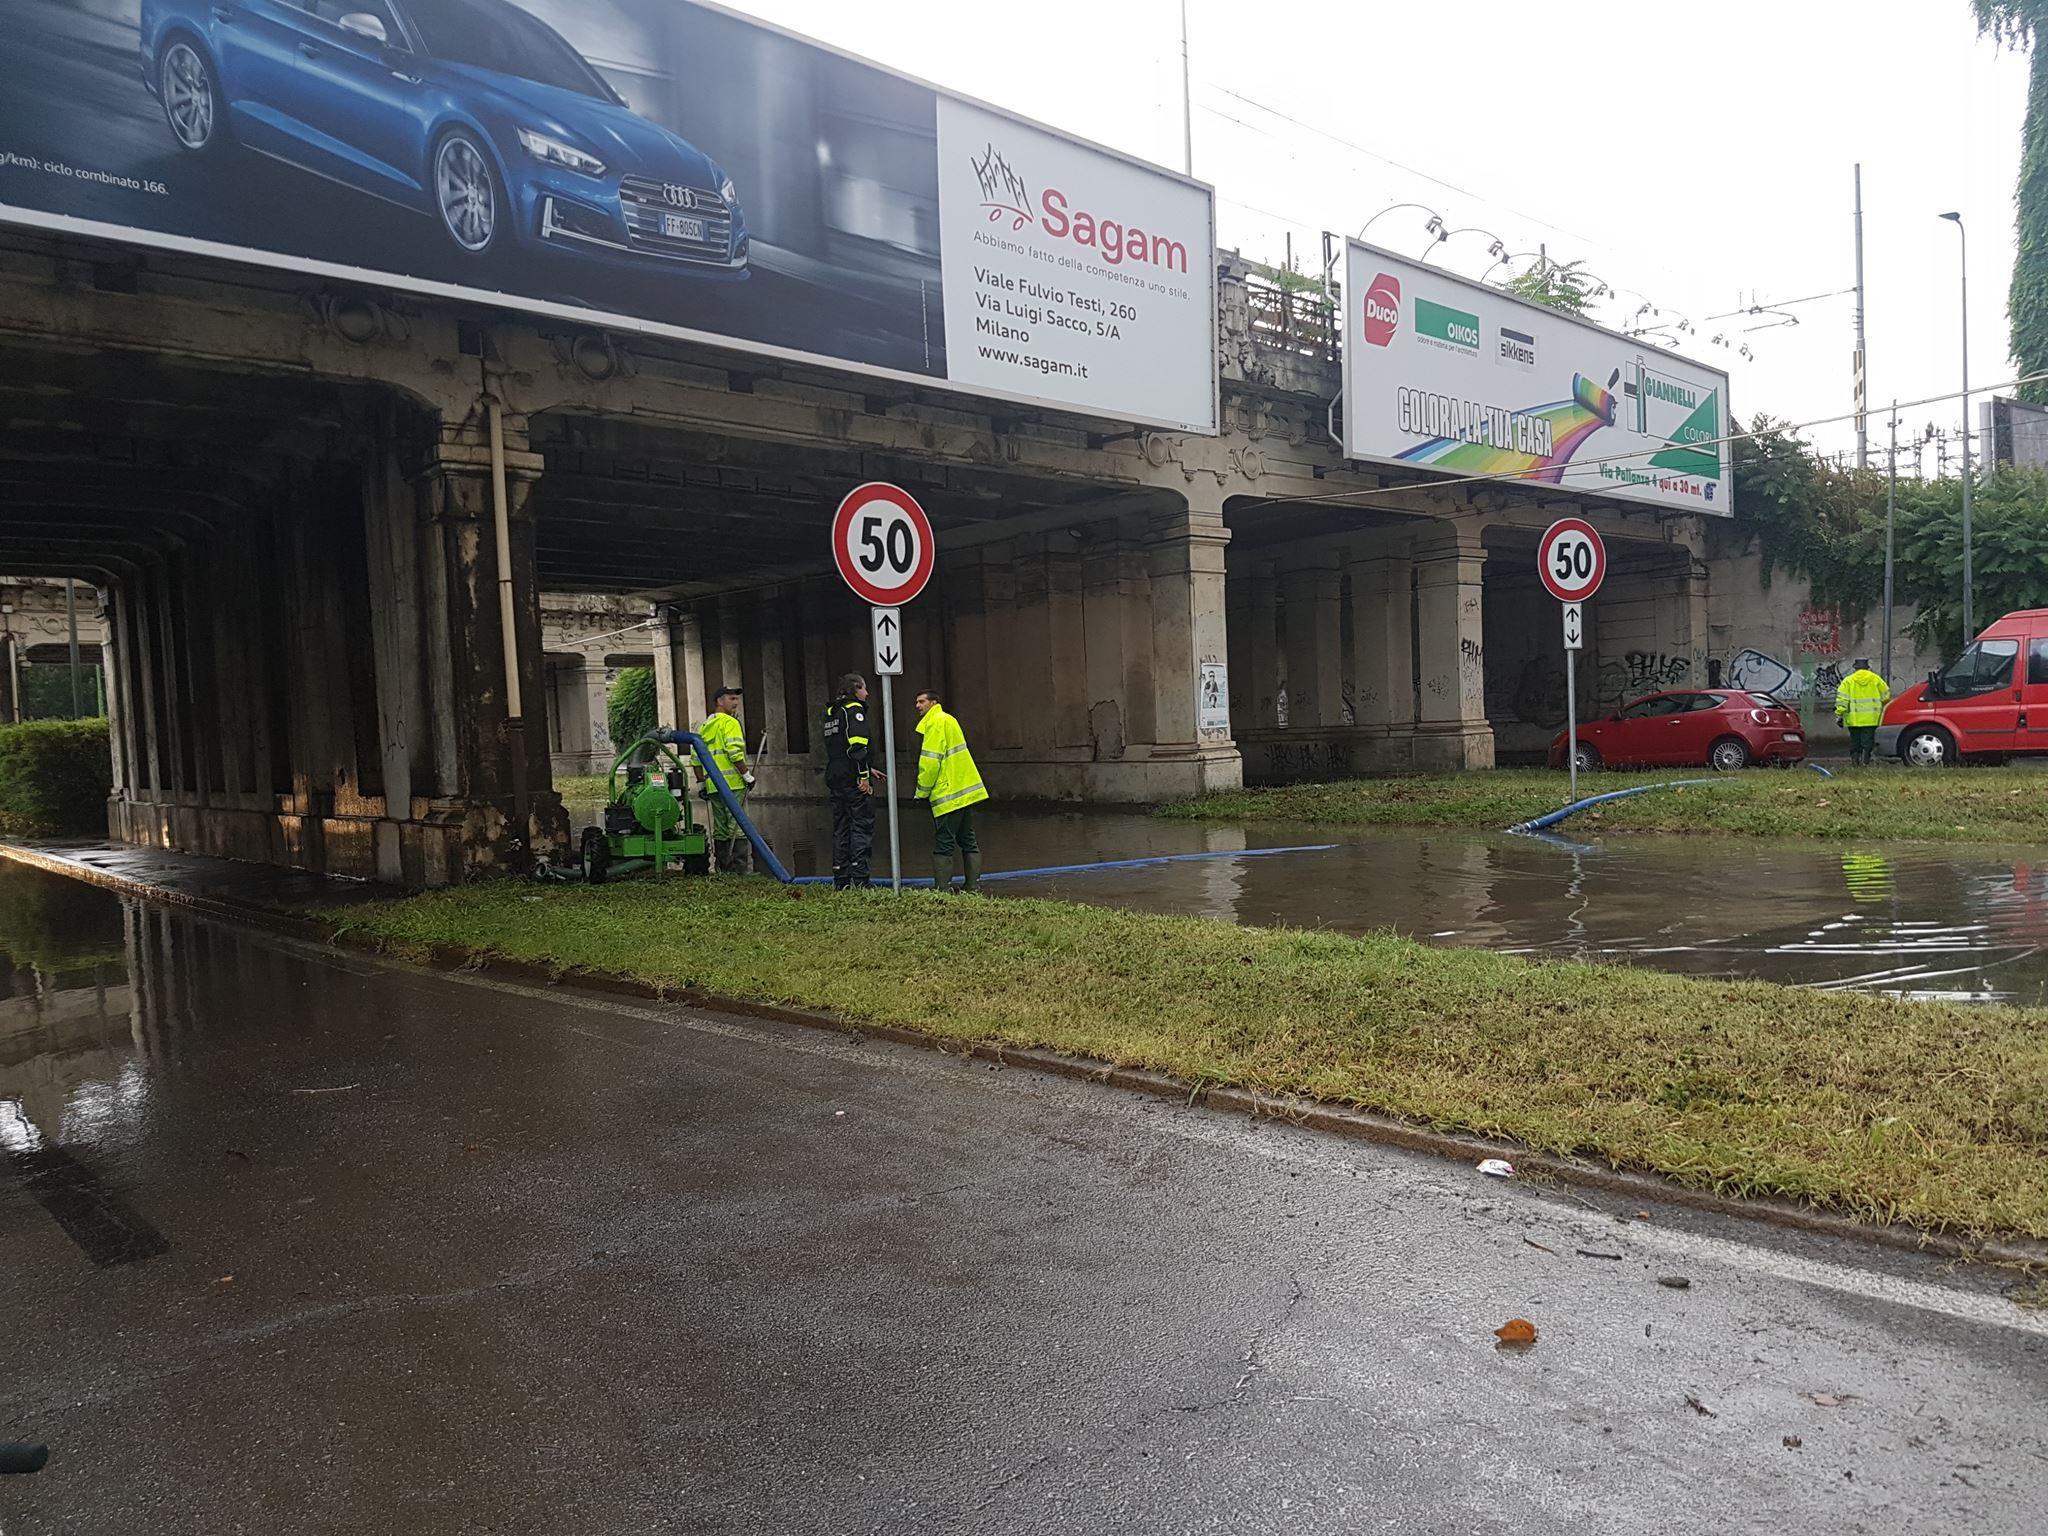 Milano, il maltempo non dà tregua: esonda il fiume Seveso, tromba d aria a Pozzo d Adda